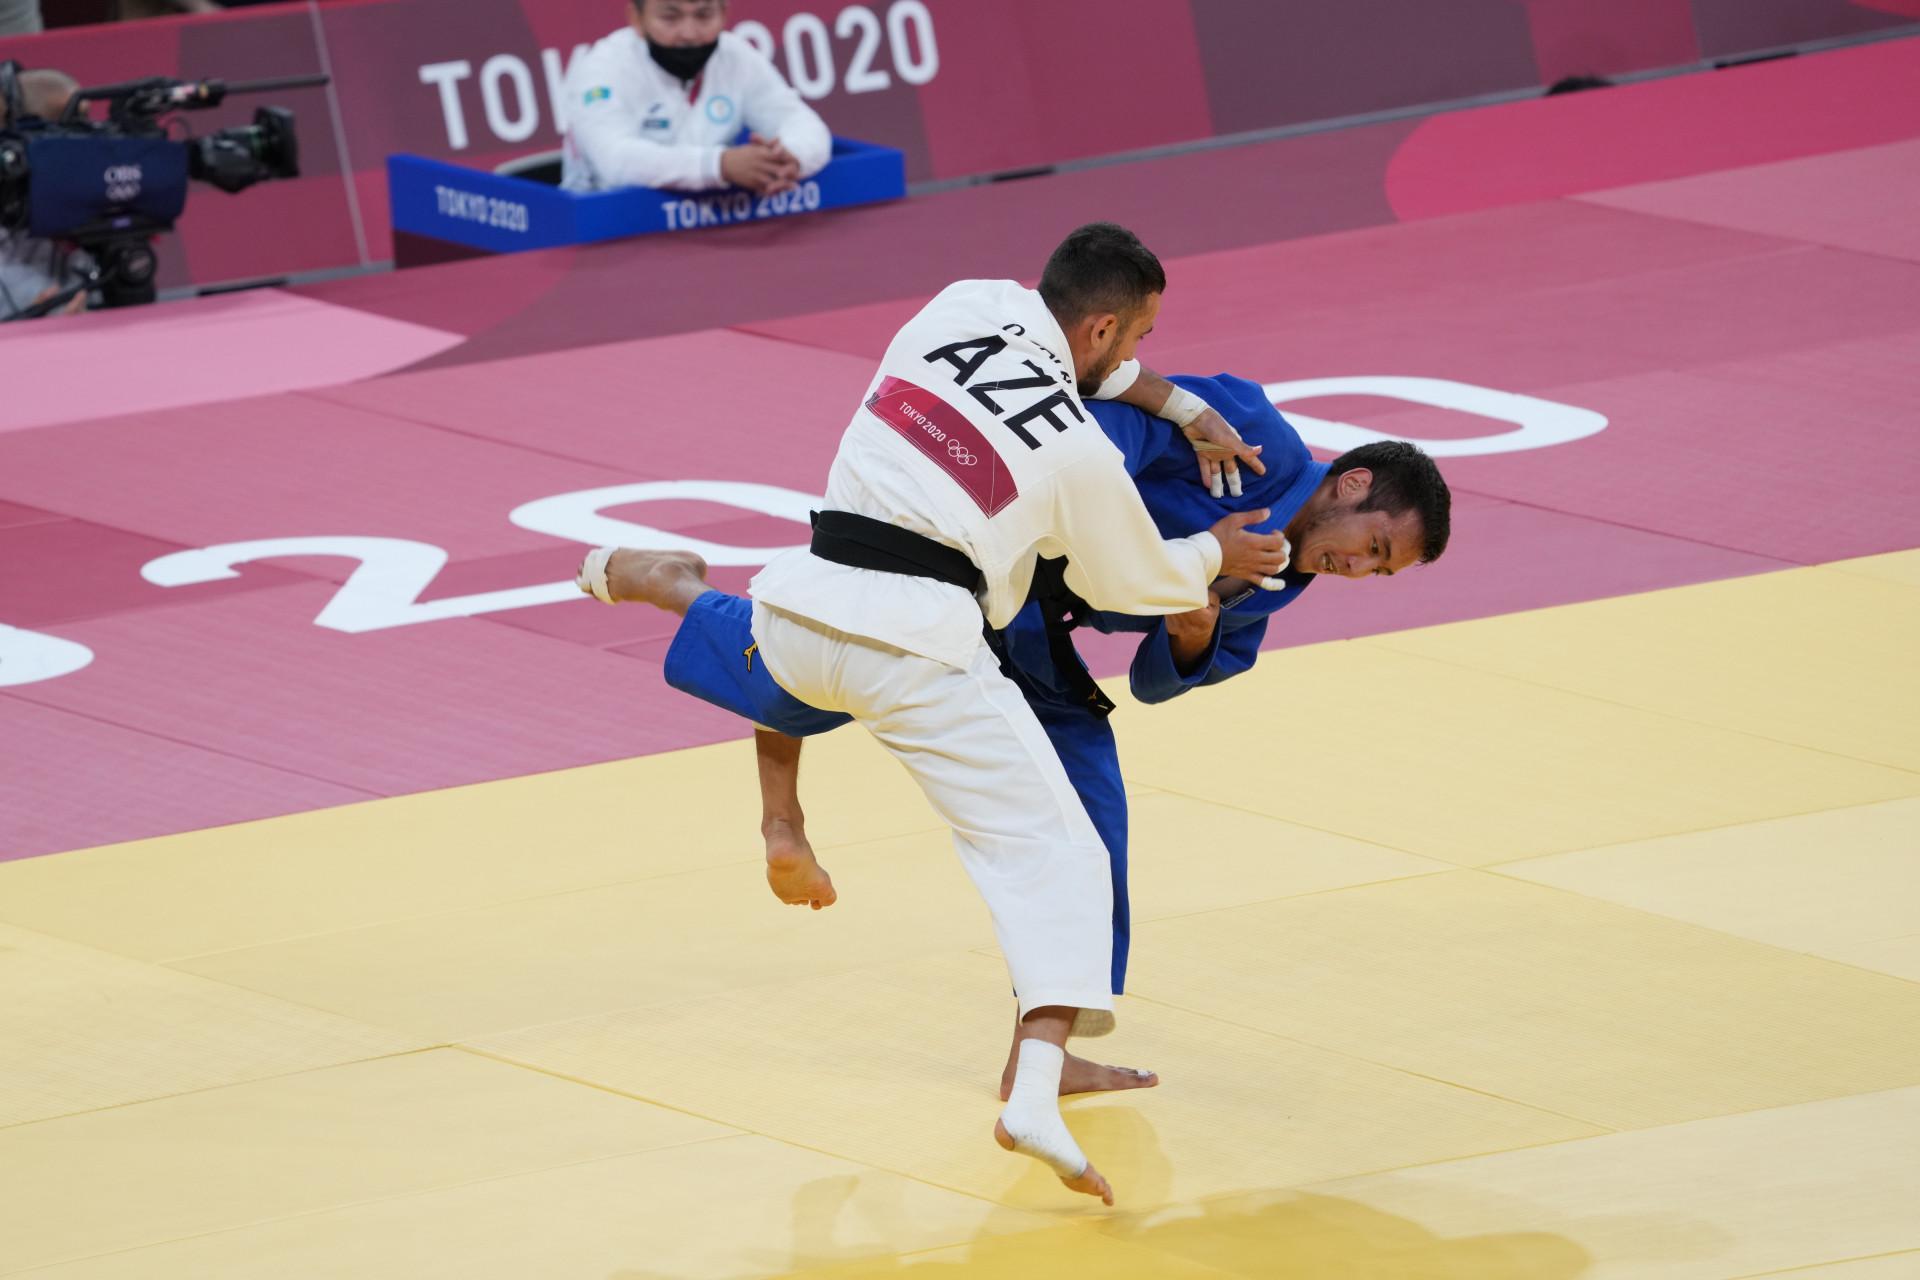 Токио Олимпиадасы: Қазақстандық дзюдошы Ерлан Серікжанов жарысты сәтті бастады